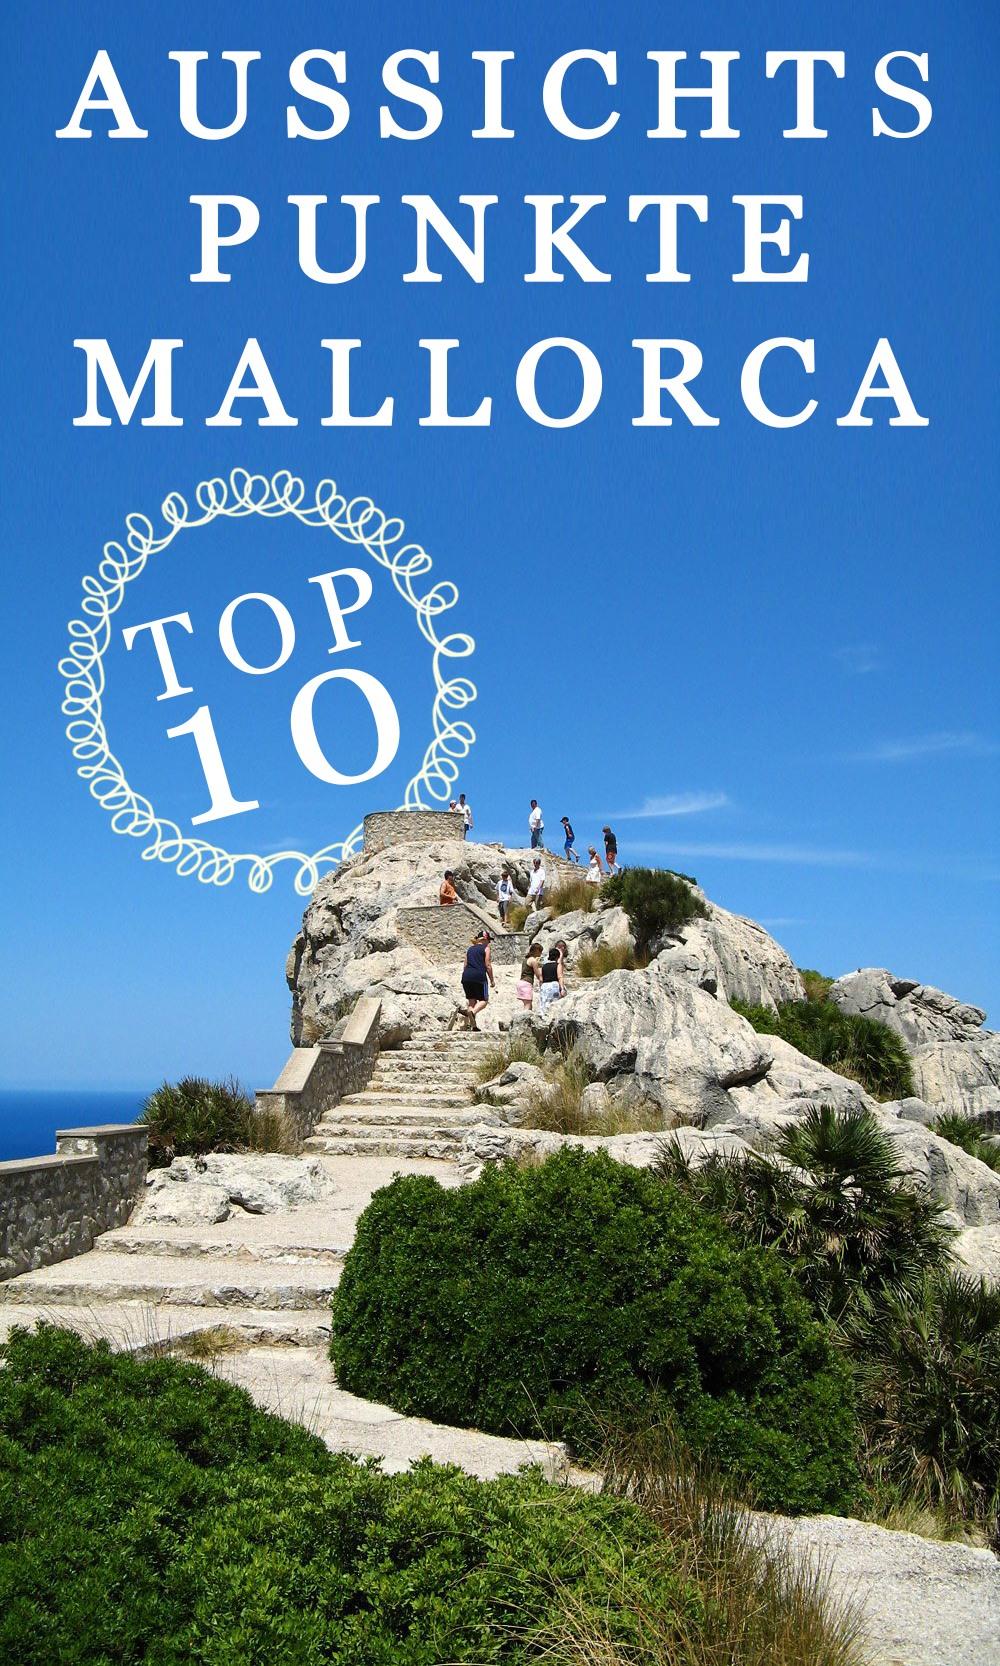 Aussichtspunkte-Mallorca-Top-10